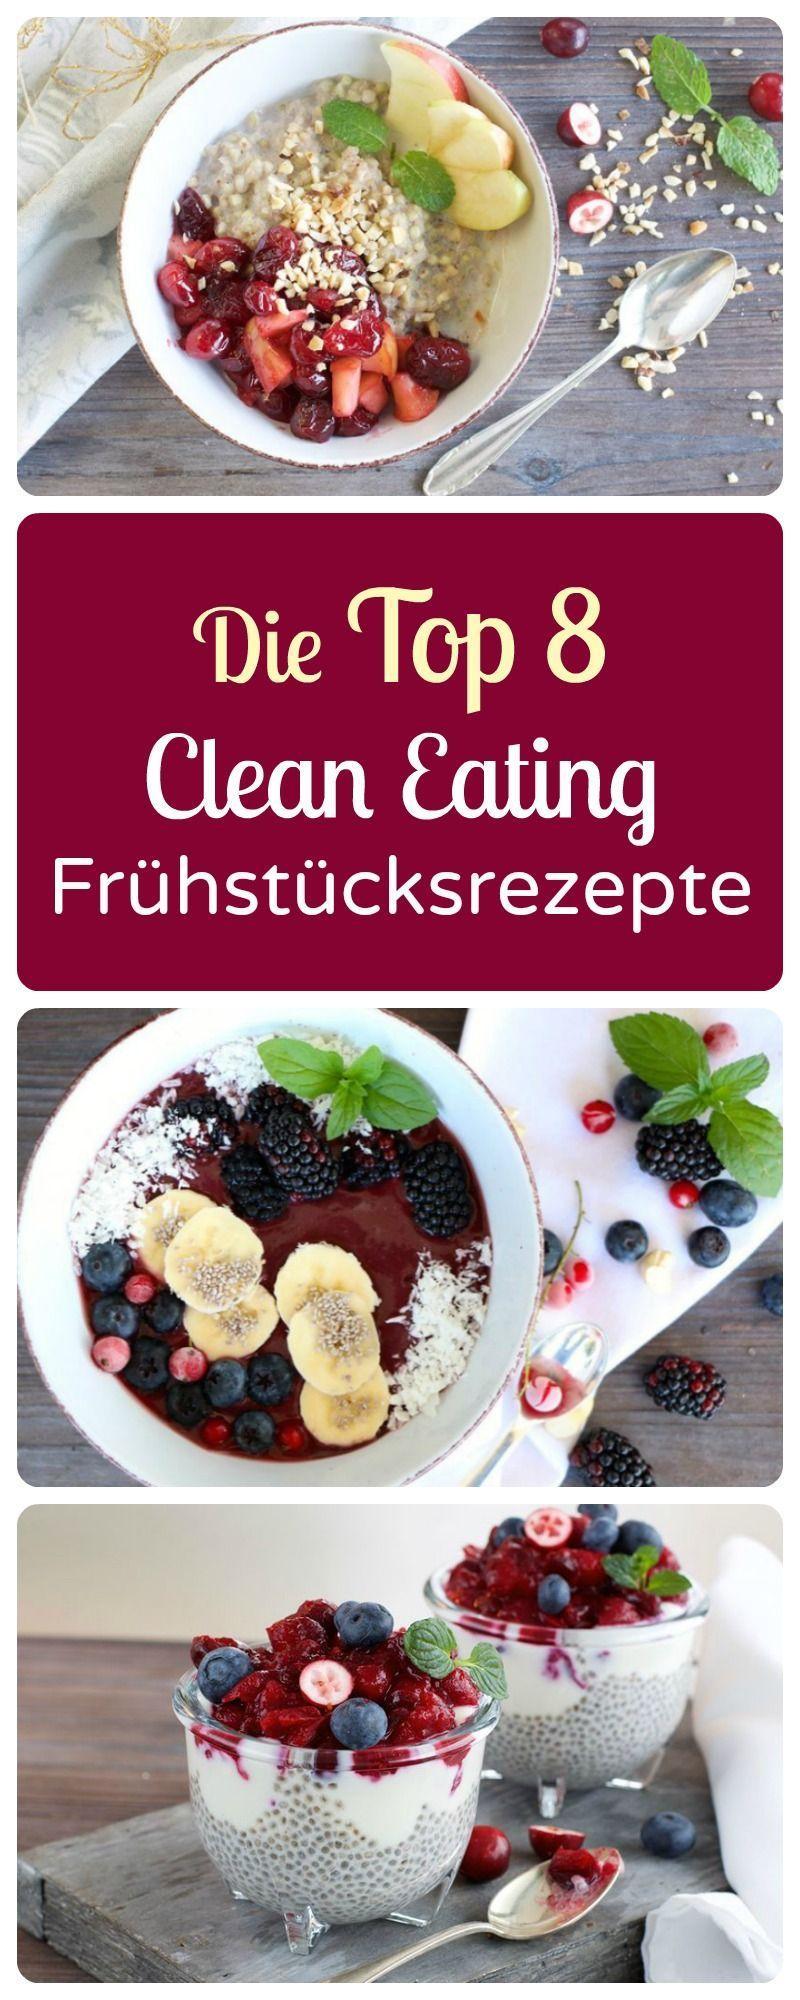 Clean Eating Frühstücks-Rezepte Starten Sie gesund und mit voller Vitaminpower in den Tag. | Starten Sie gesund und mit voller Vitaminpower in den Tag. |